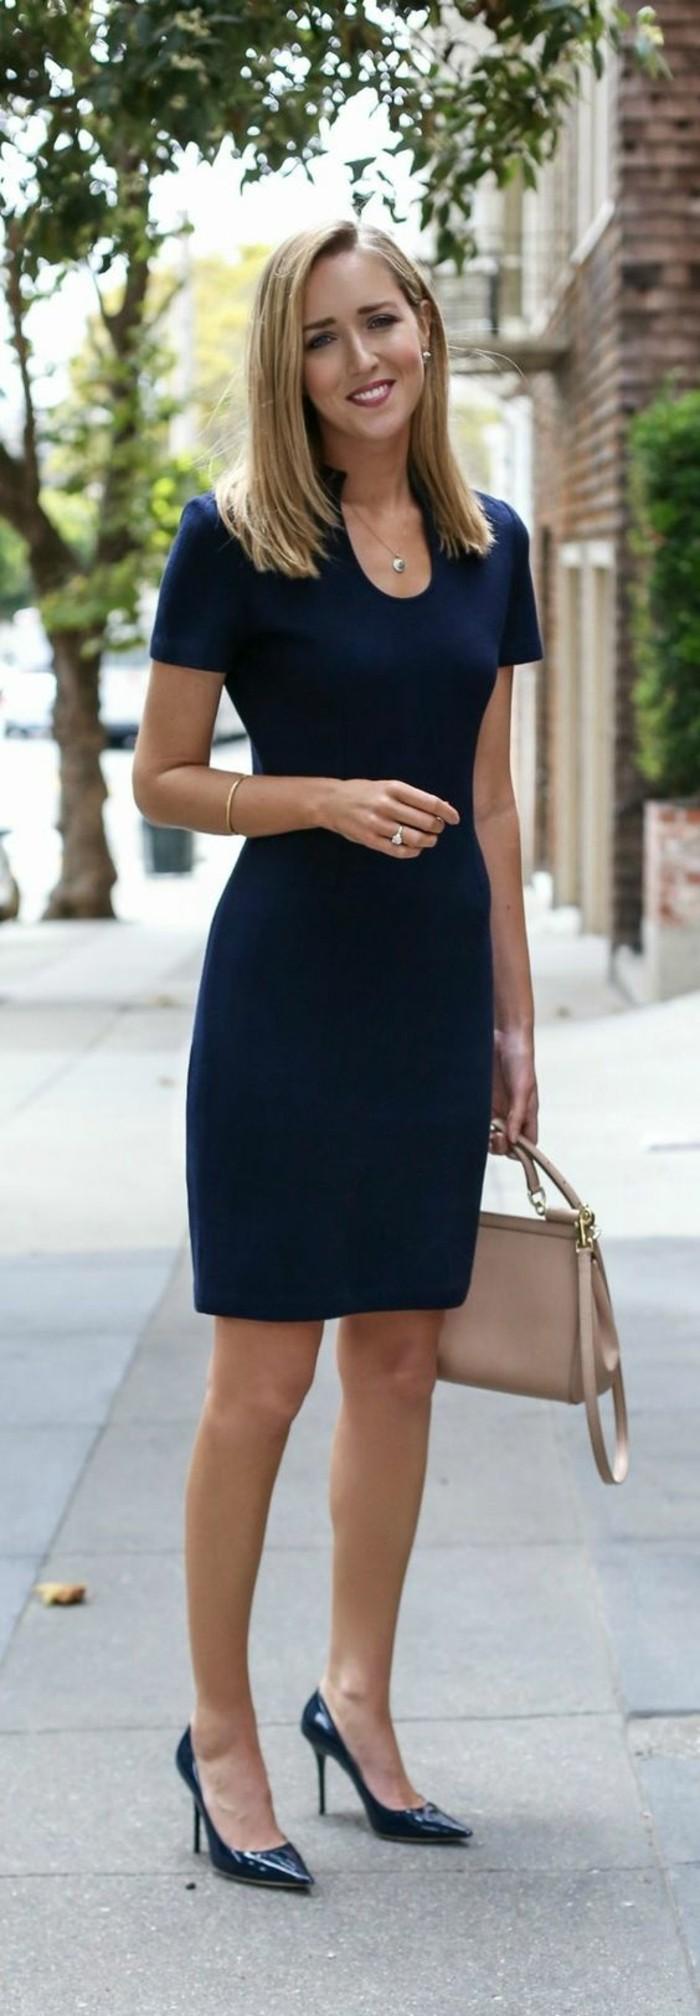 Blaues kleid welche schuhe und tasche